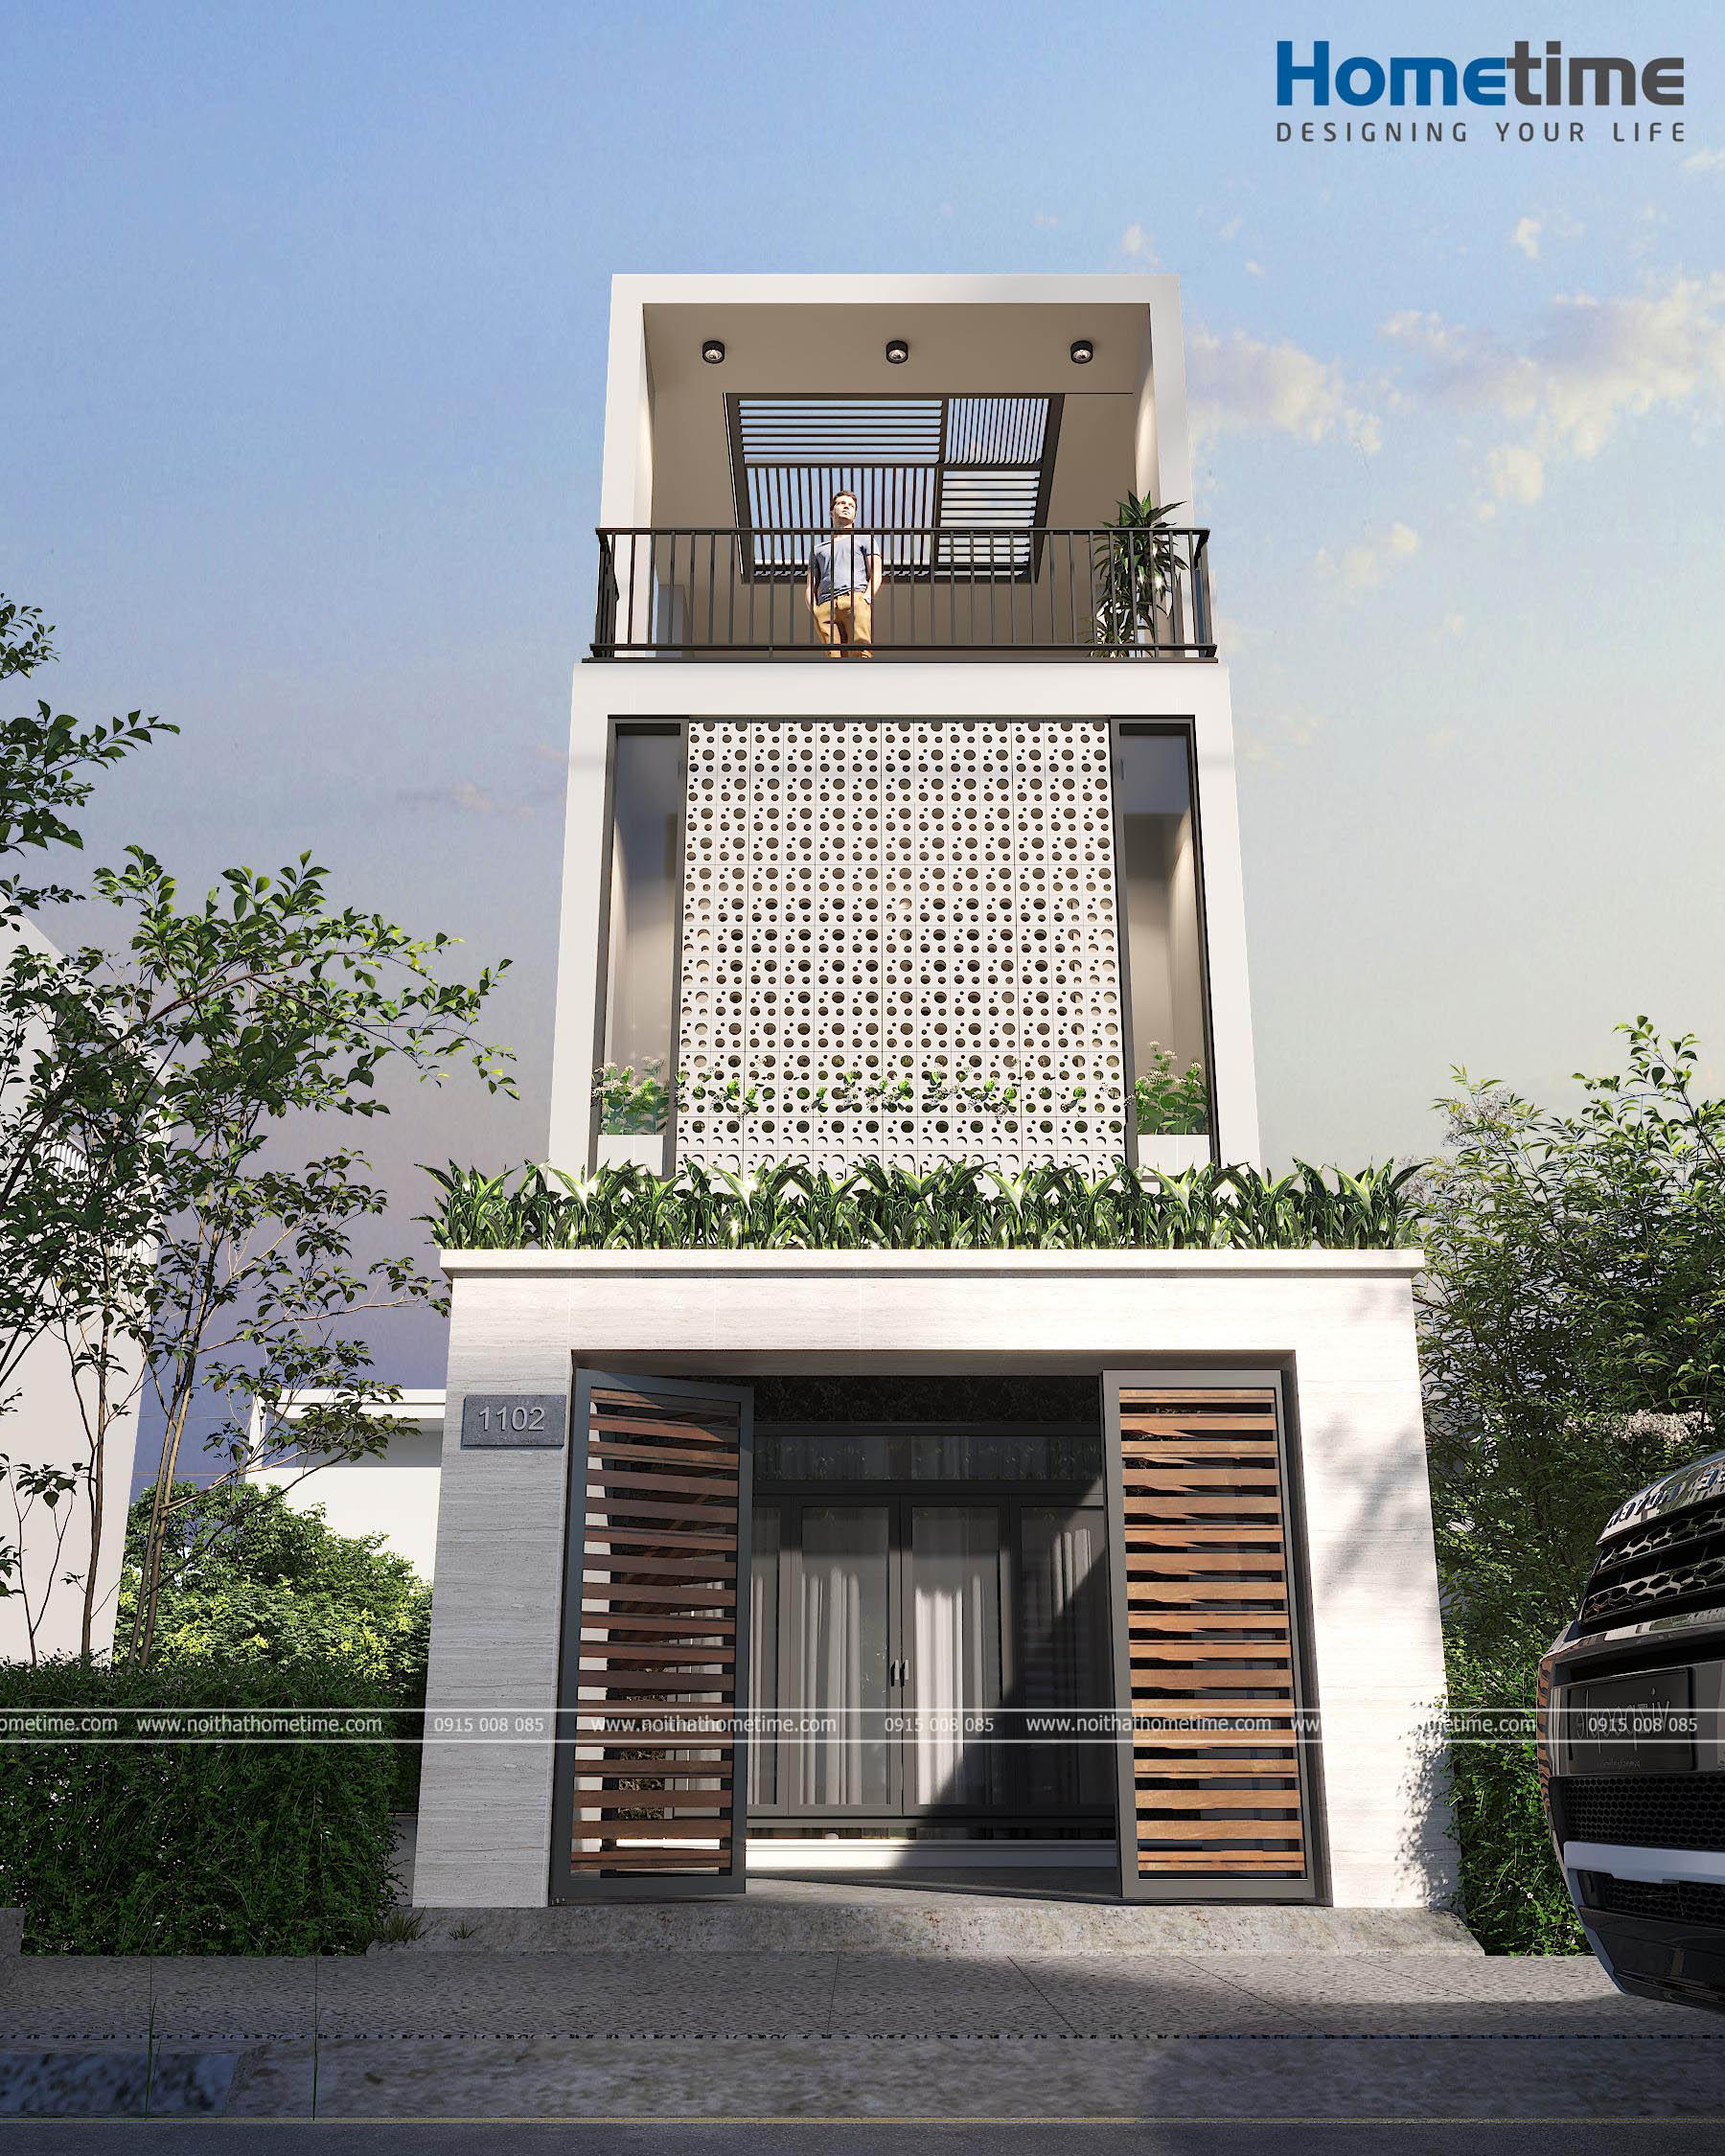 Hình ảnh 3d góc nhìn trực diện nhà 3 tầng nhà anh Nam